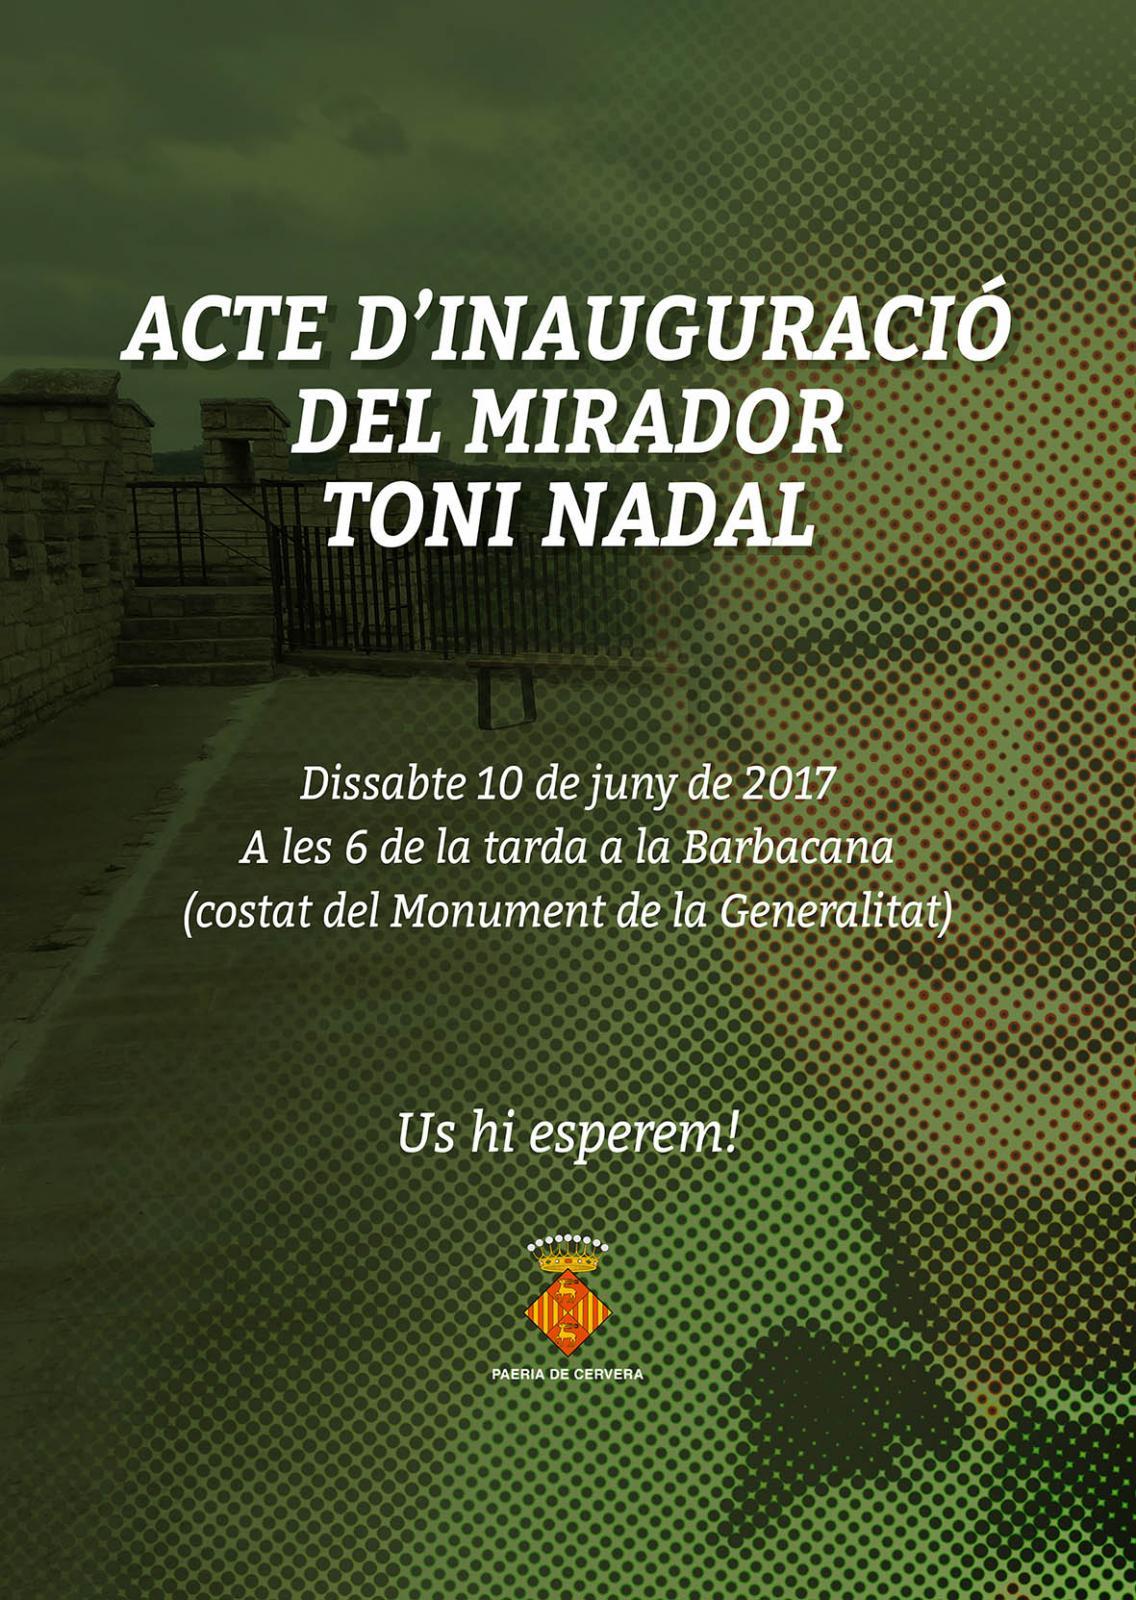 cartell Inauguració del mirador Toni Nadal